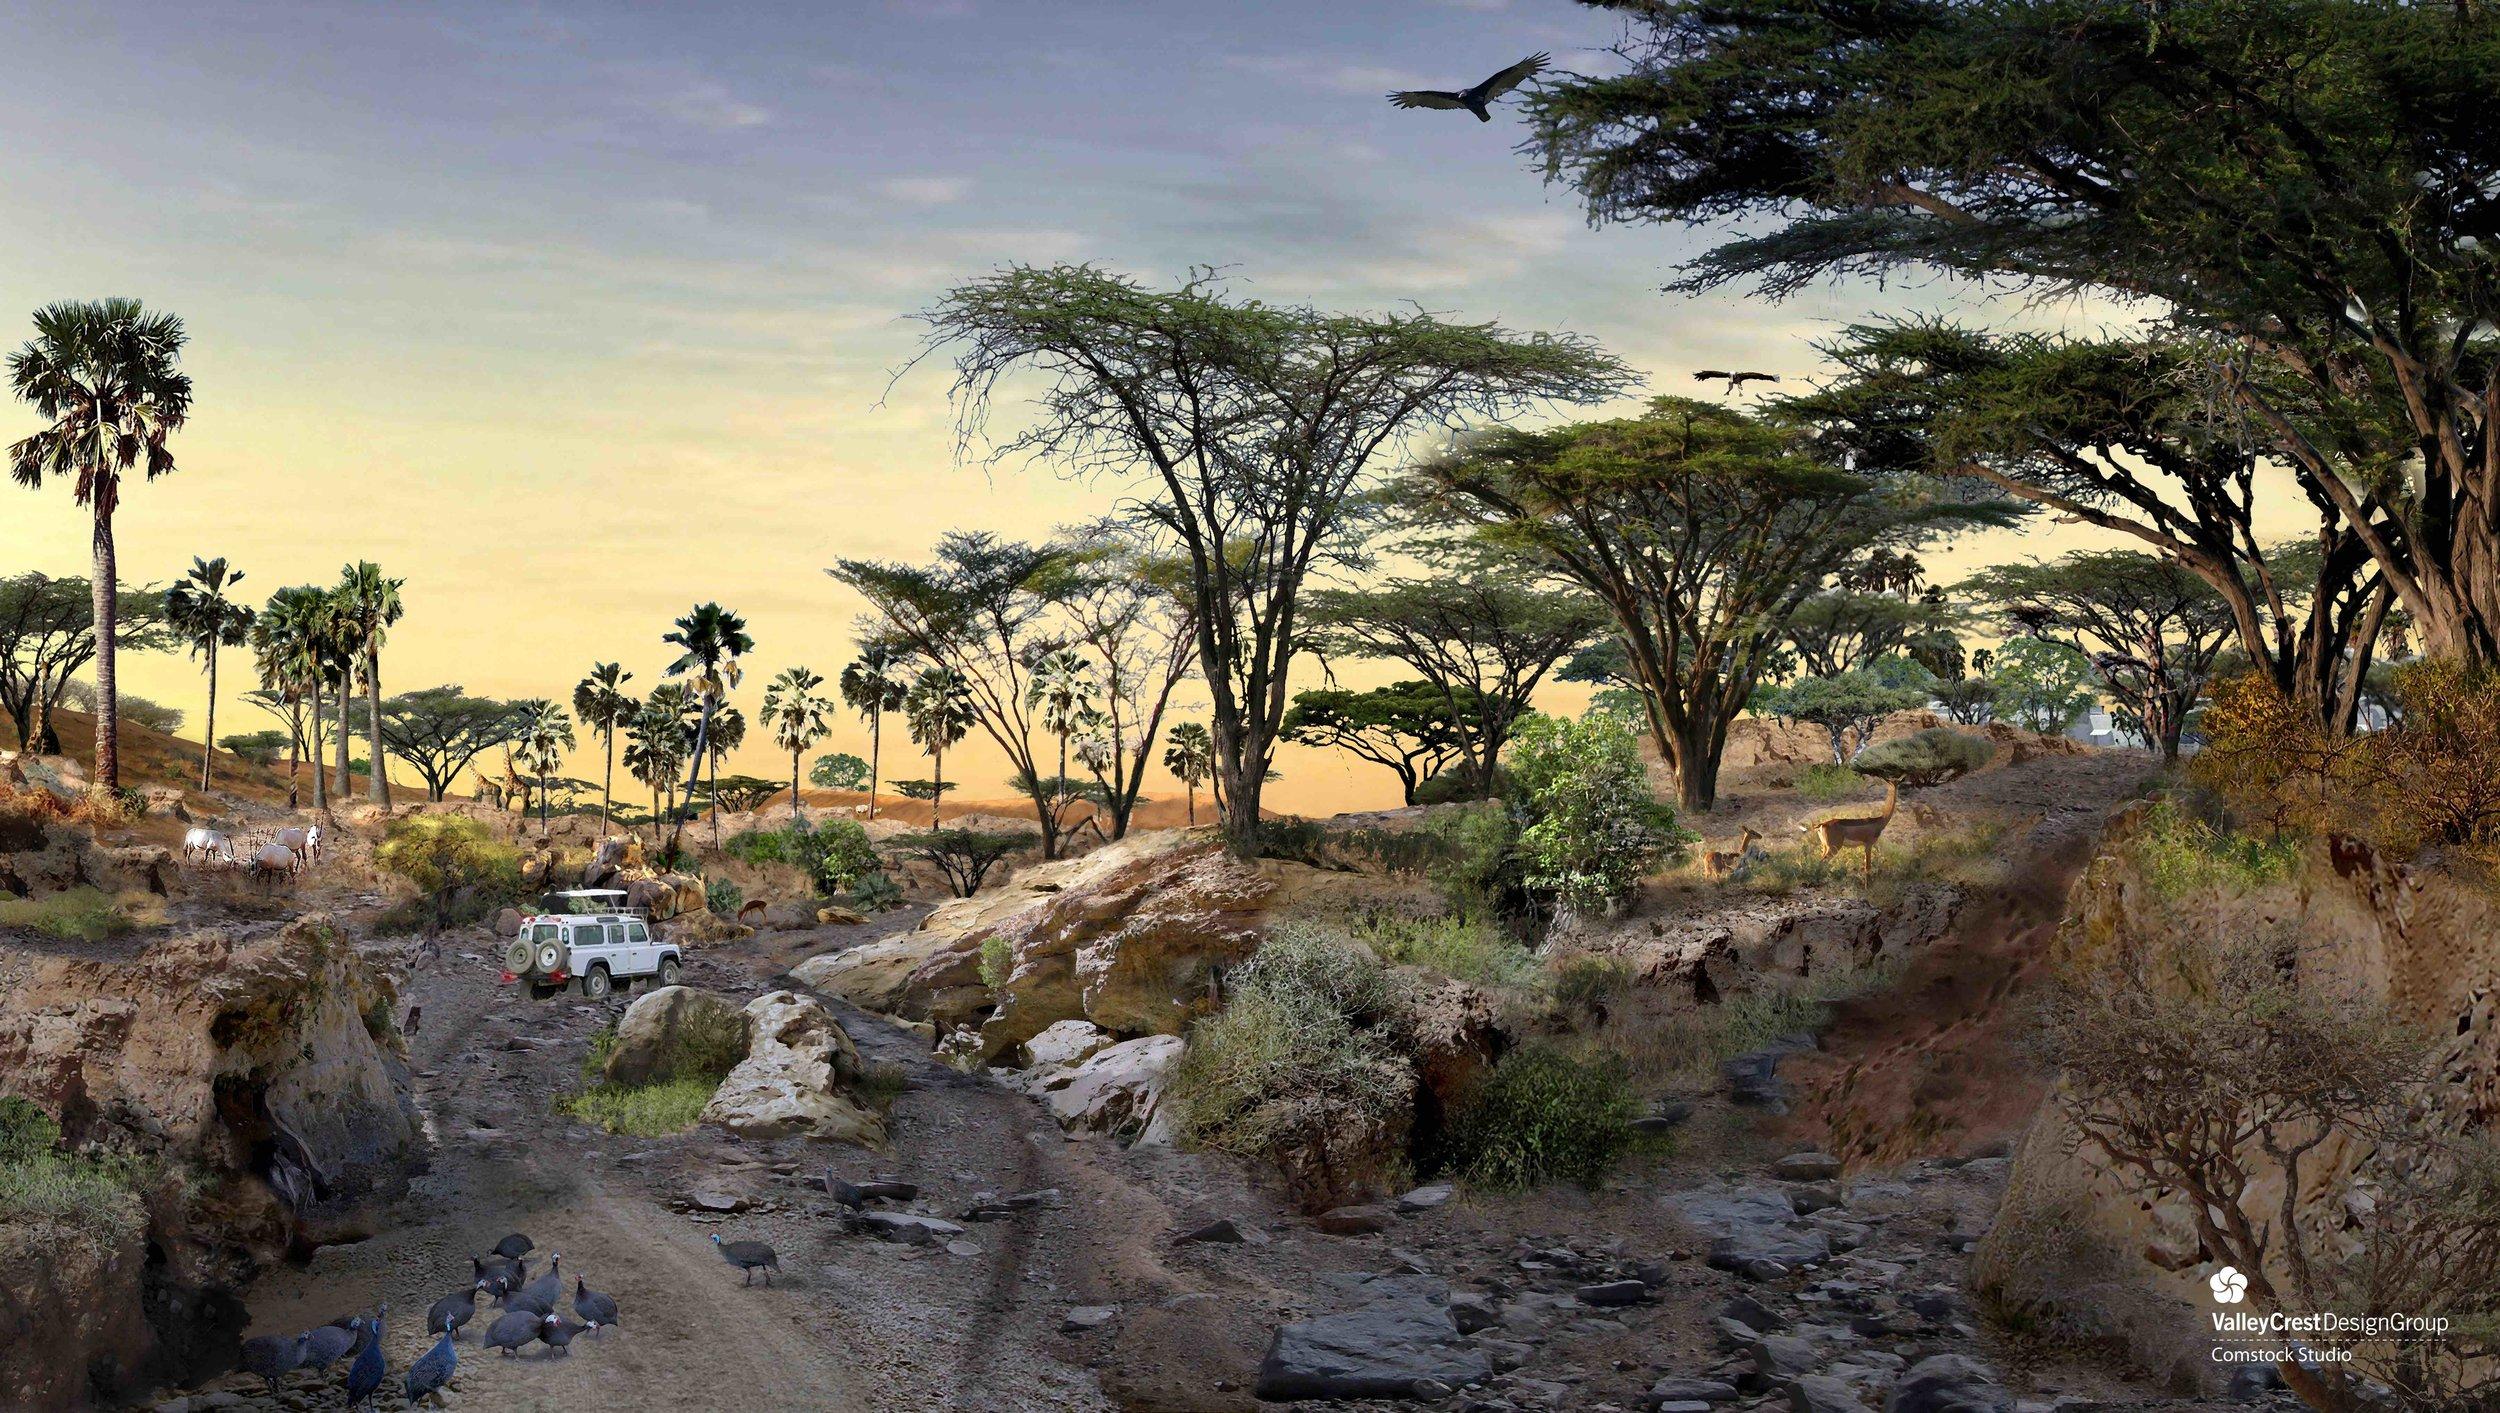 AWPR_North Kenya Safari_Wadi Road.jpeg